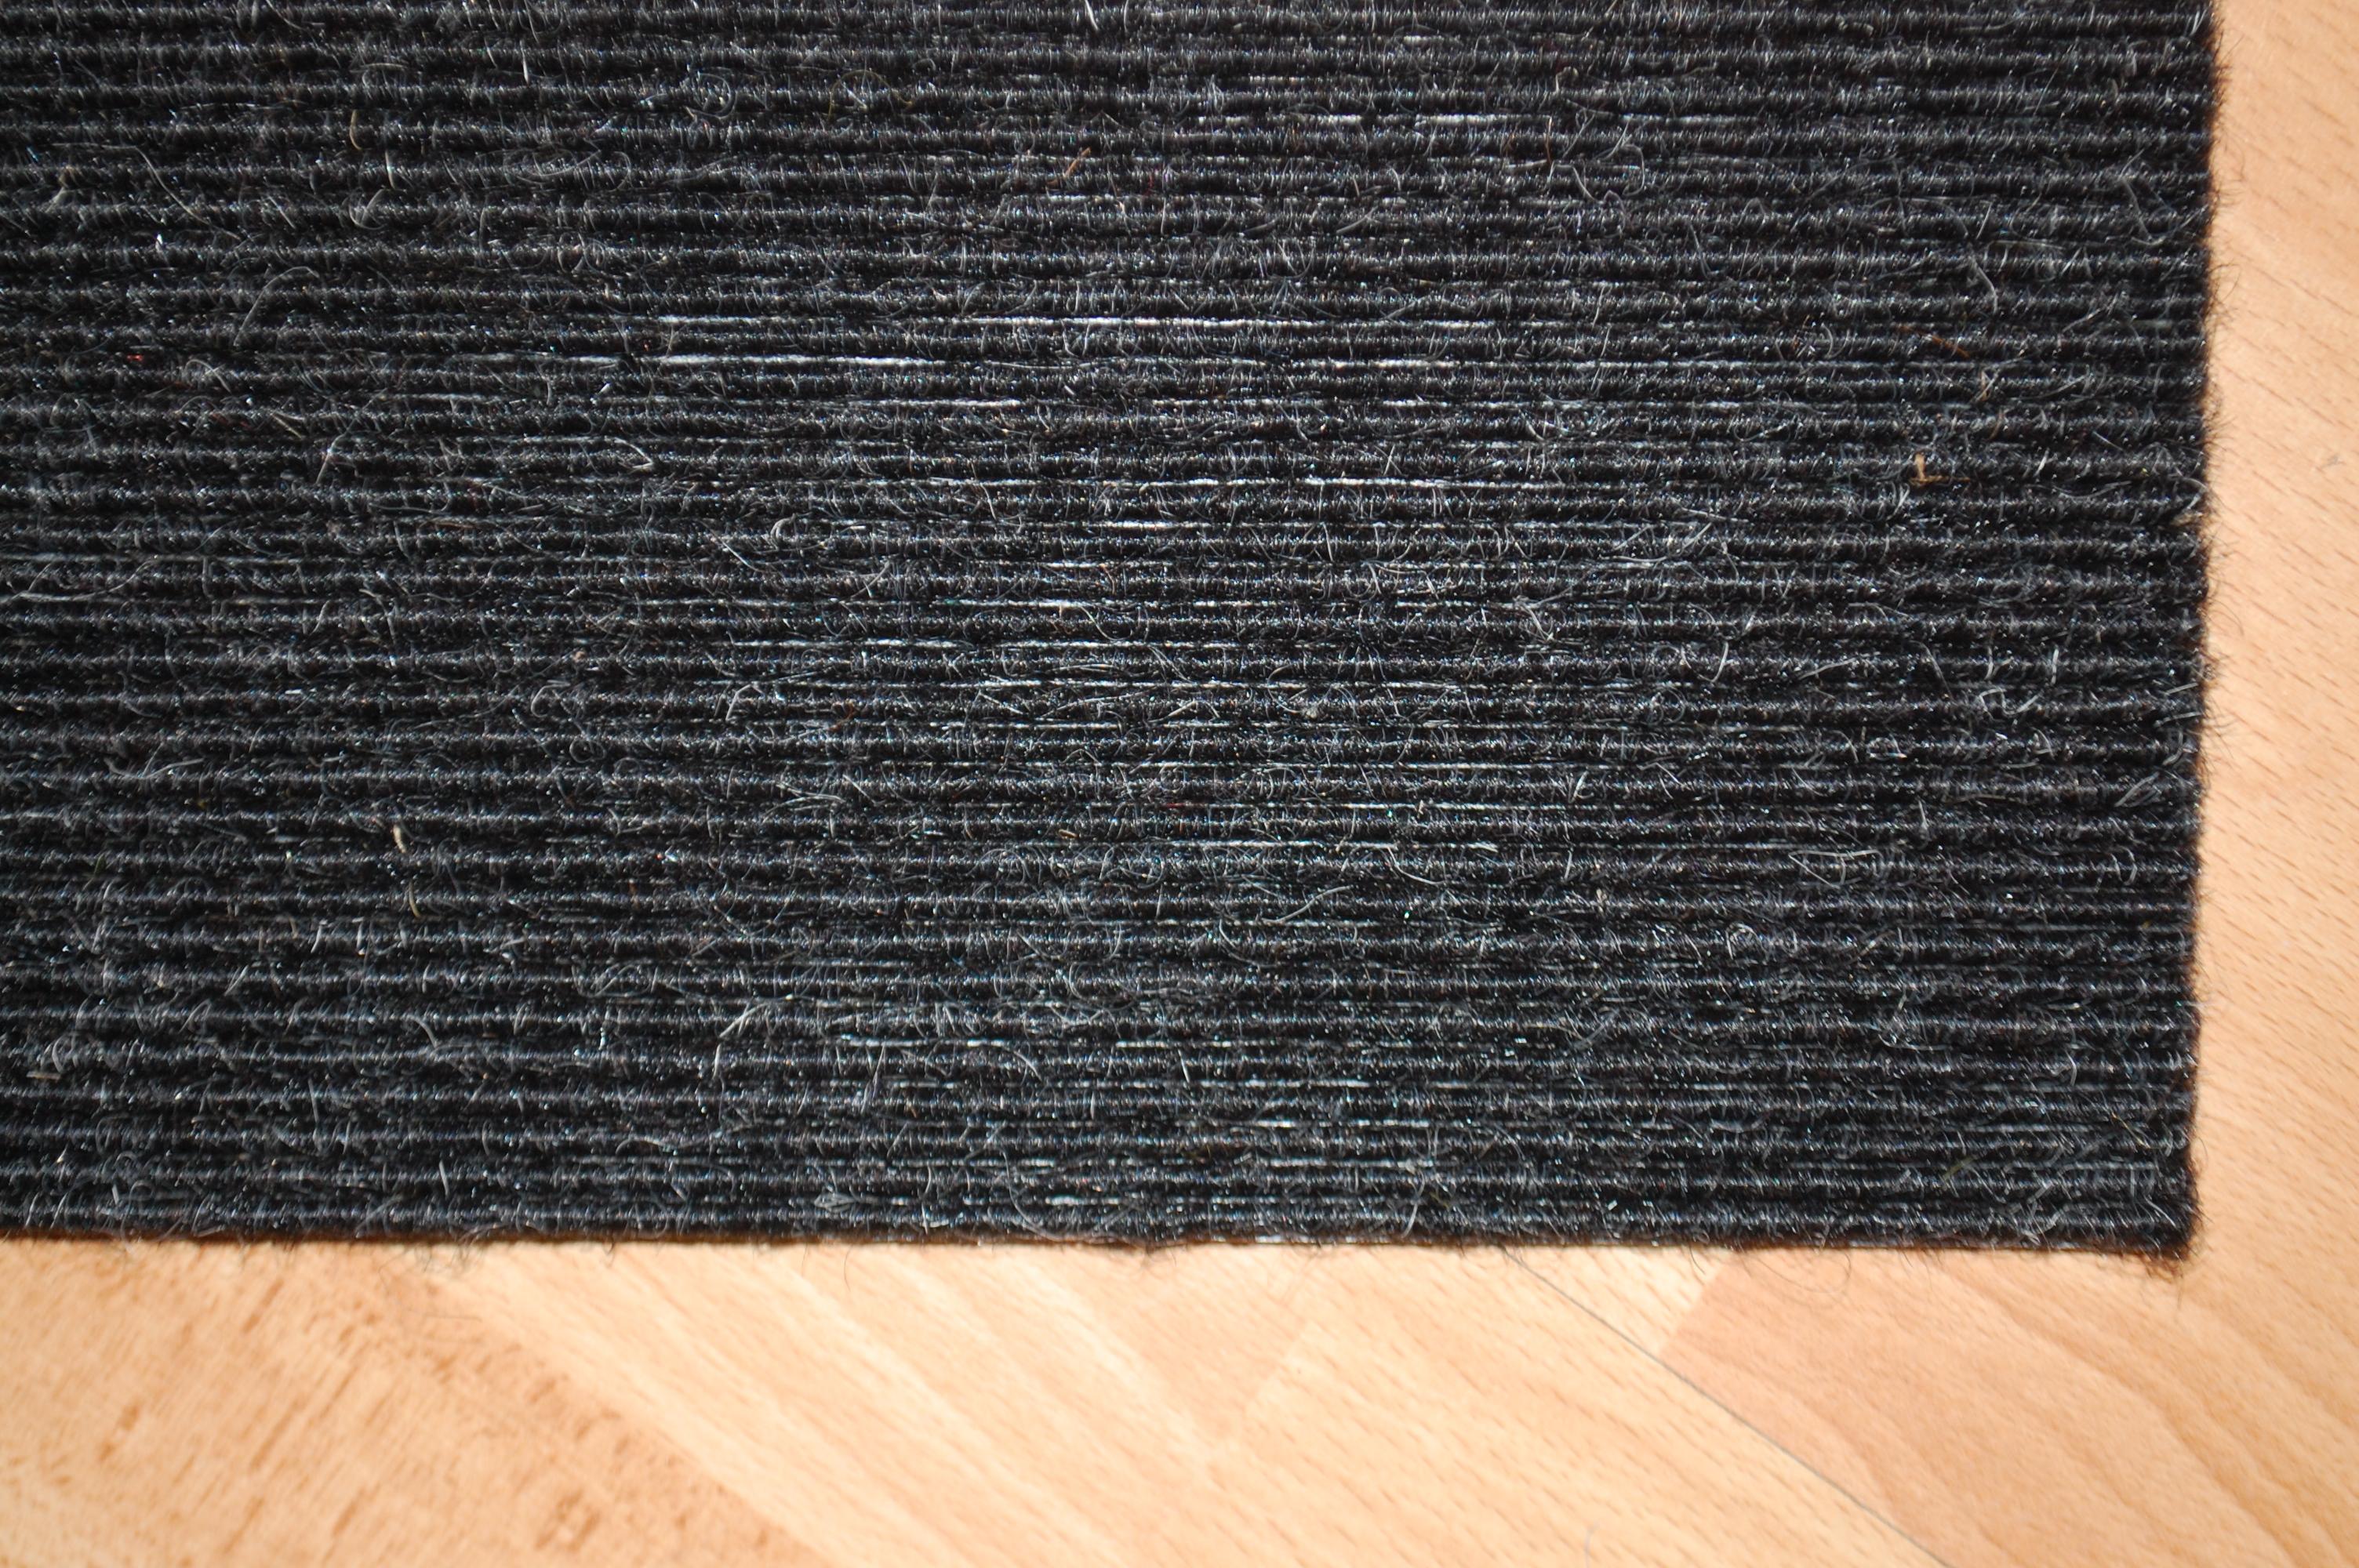 teppich tretford 632 ohne umkettelung 200 cm breite ziegenhaar interland ebay. Black Bedroom Furniture Sets. Home Design Ideas